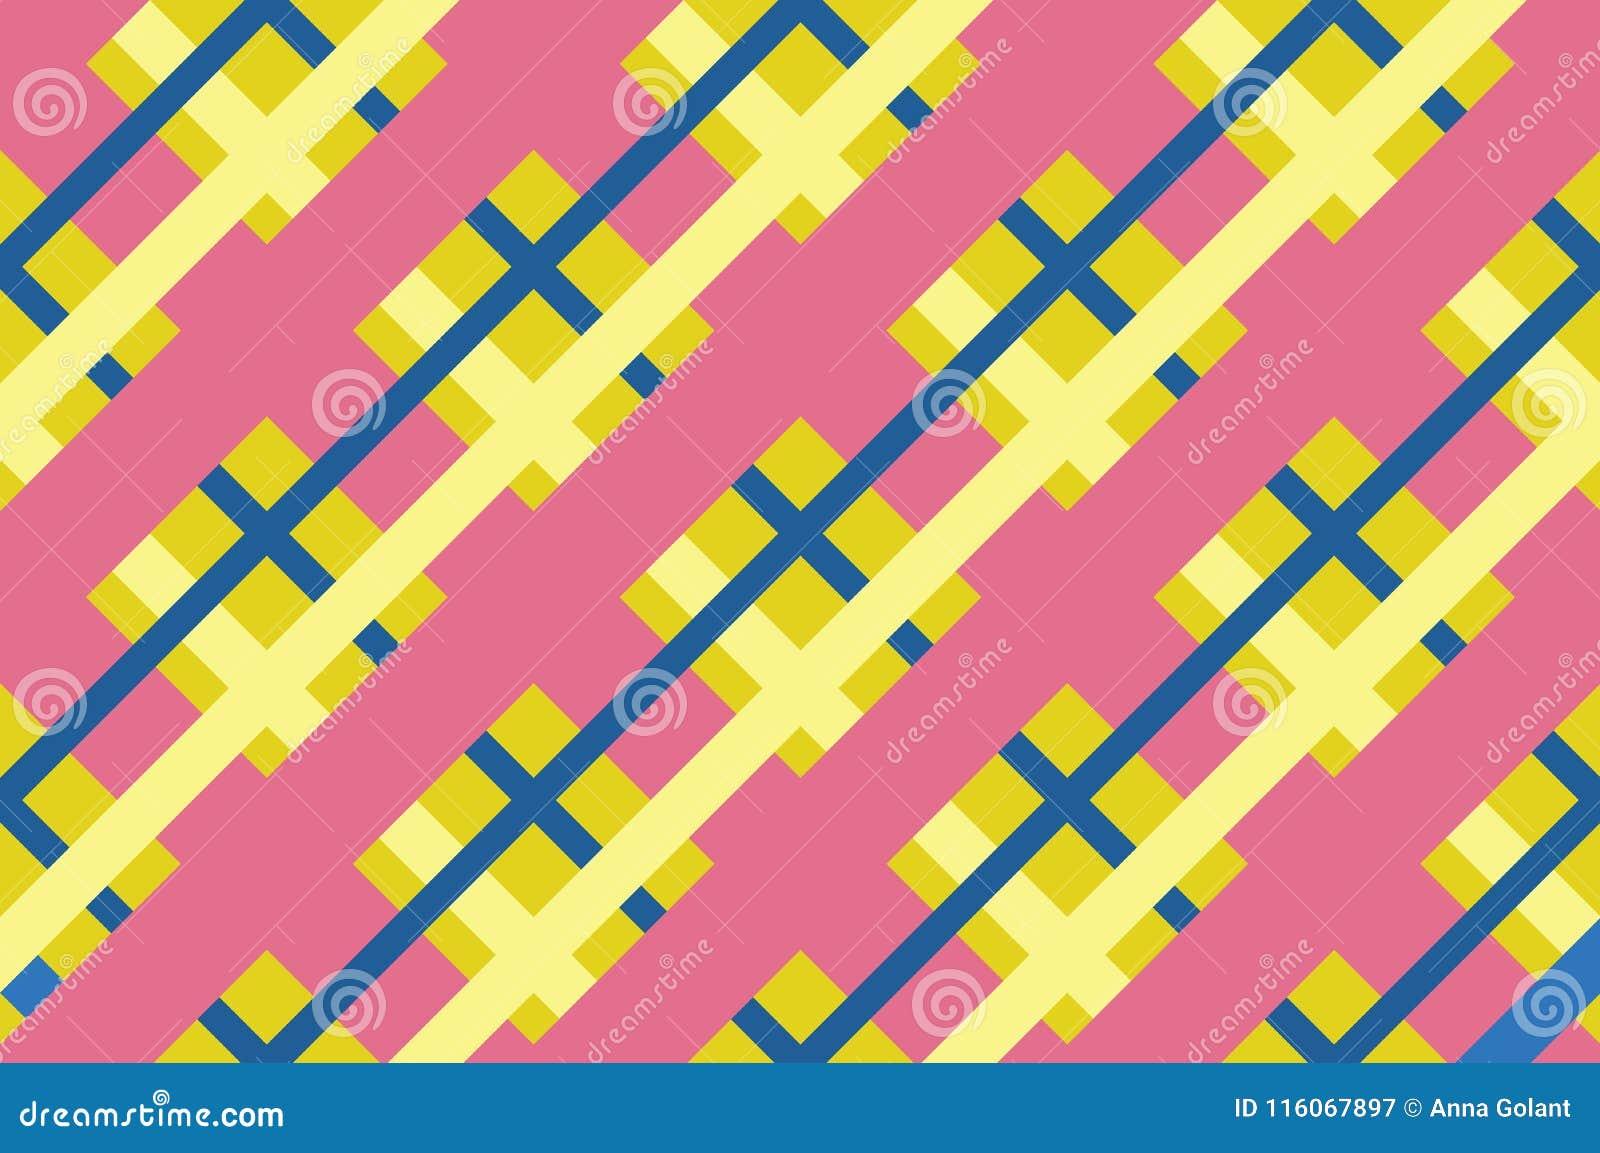 bb7a9570cc6181 Geometrisch naadloos patroon met het snijden van lijnen, netten, cellen  Kruiselingse achtergrond in traditionele tegelstijl Voor druk op stof,  document, ...